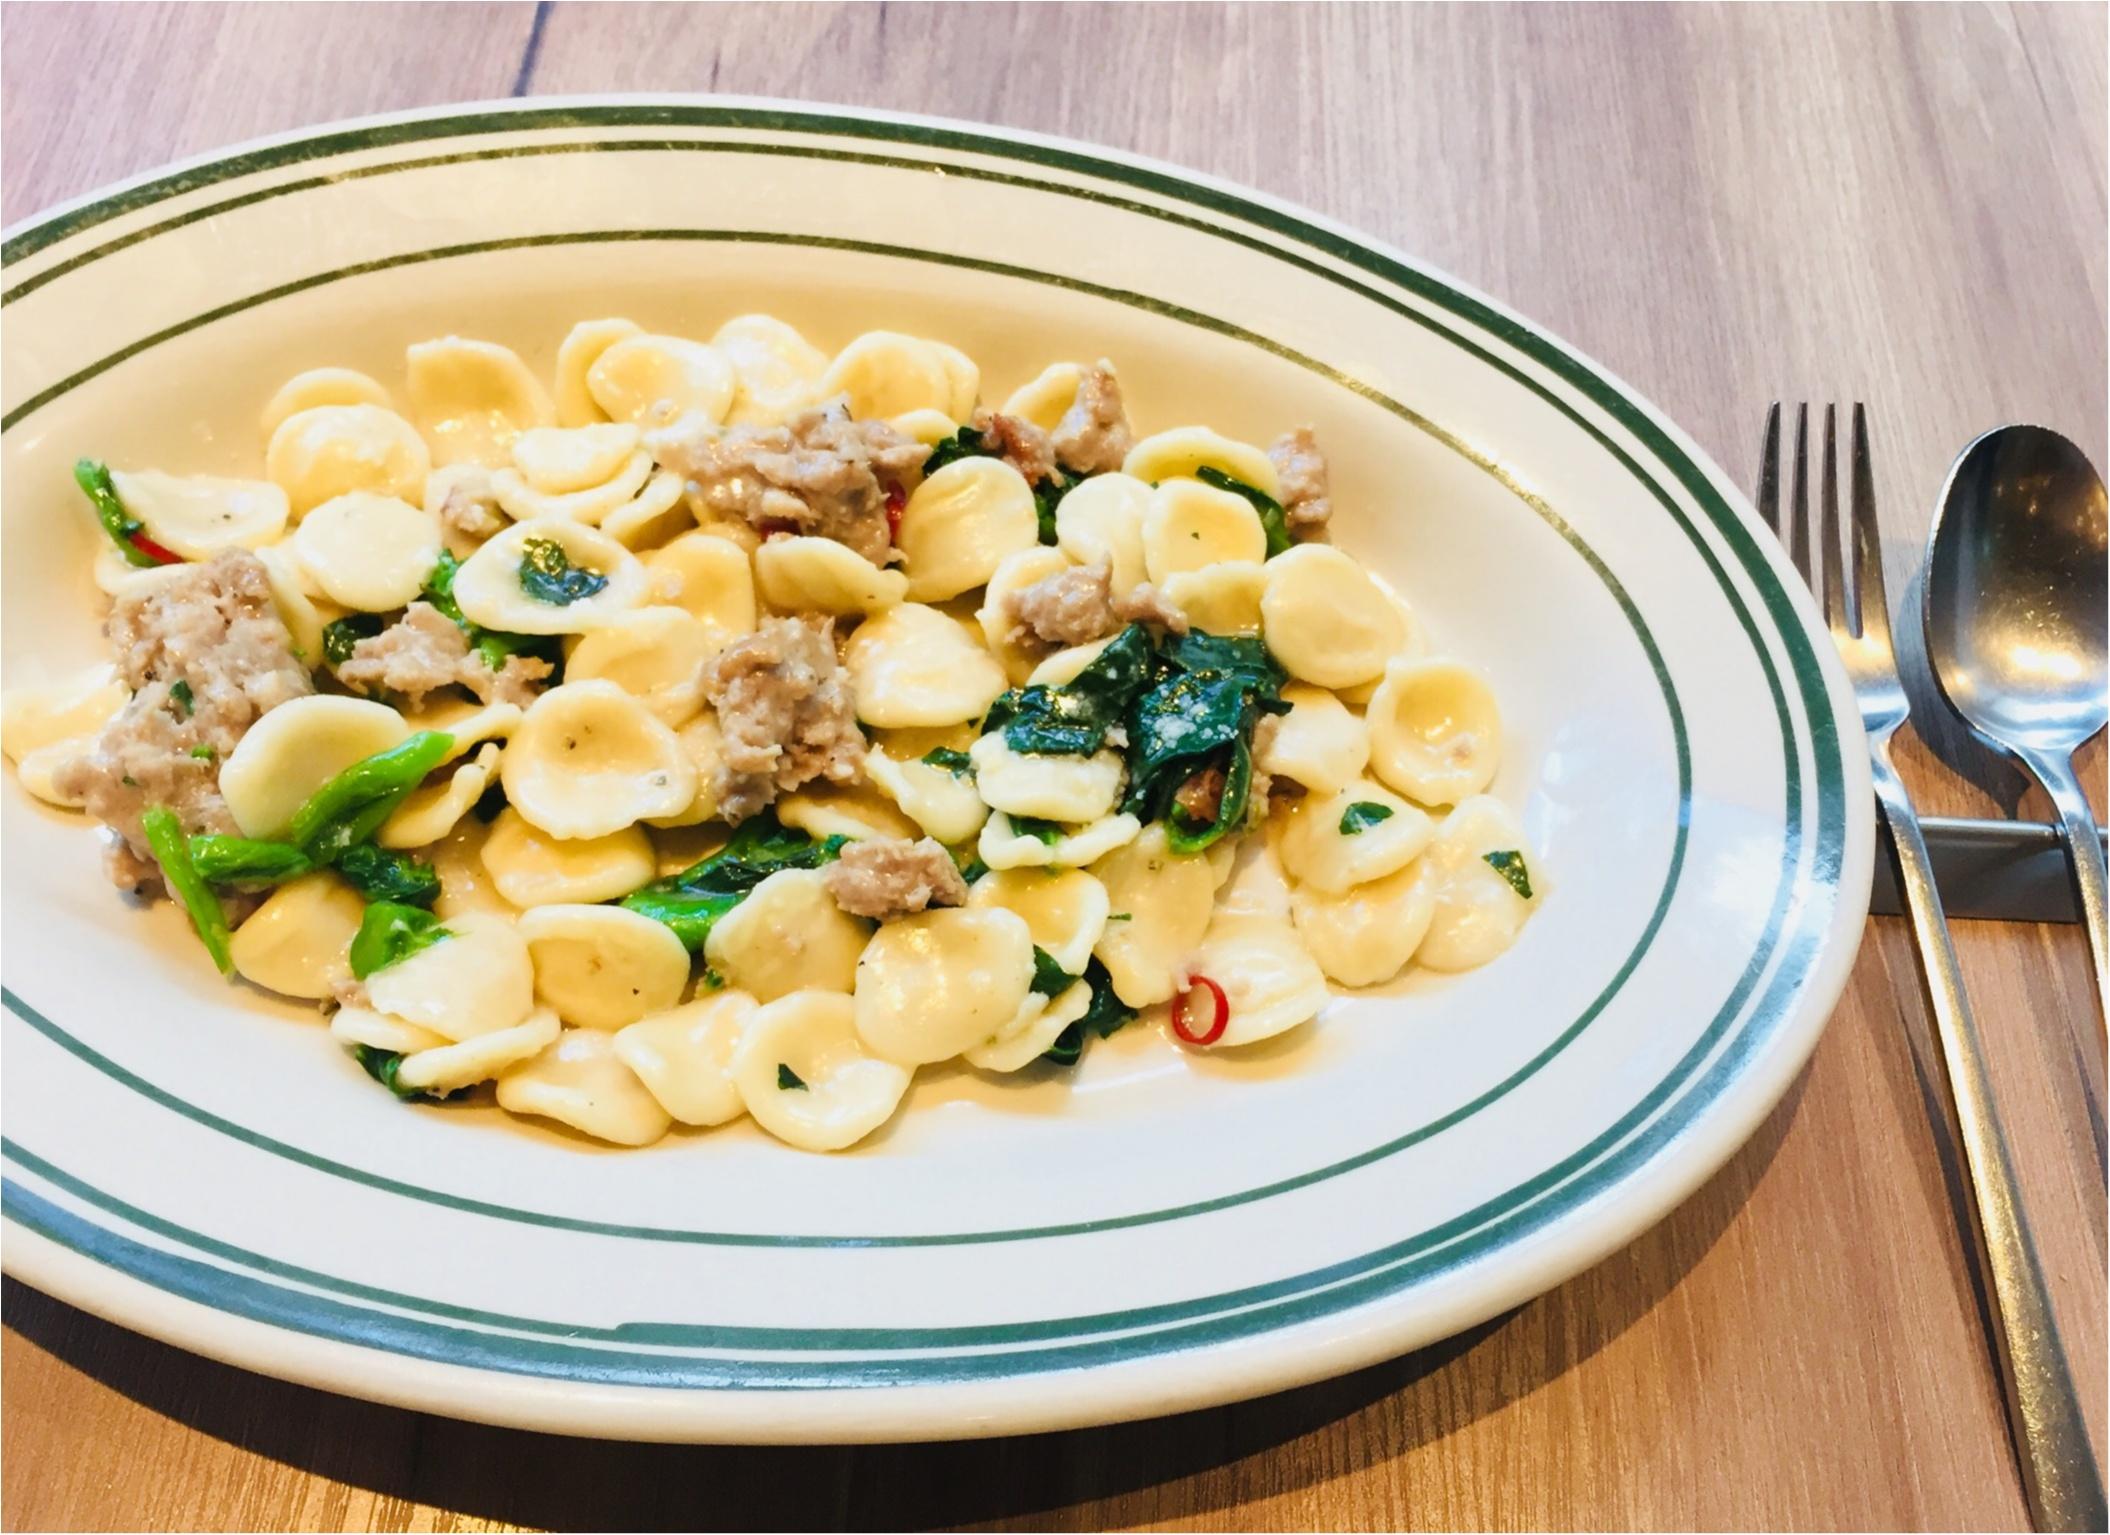 《新宿でご飯をするならココがオススメ★》スタイリッシュな店内で美味しいイタリア料理を楽しんでみて!_3_2